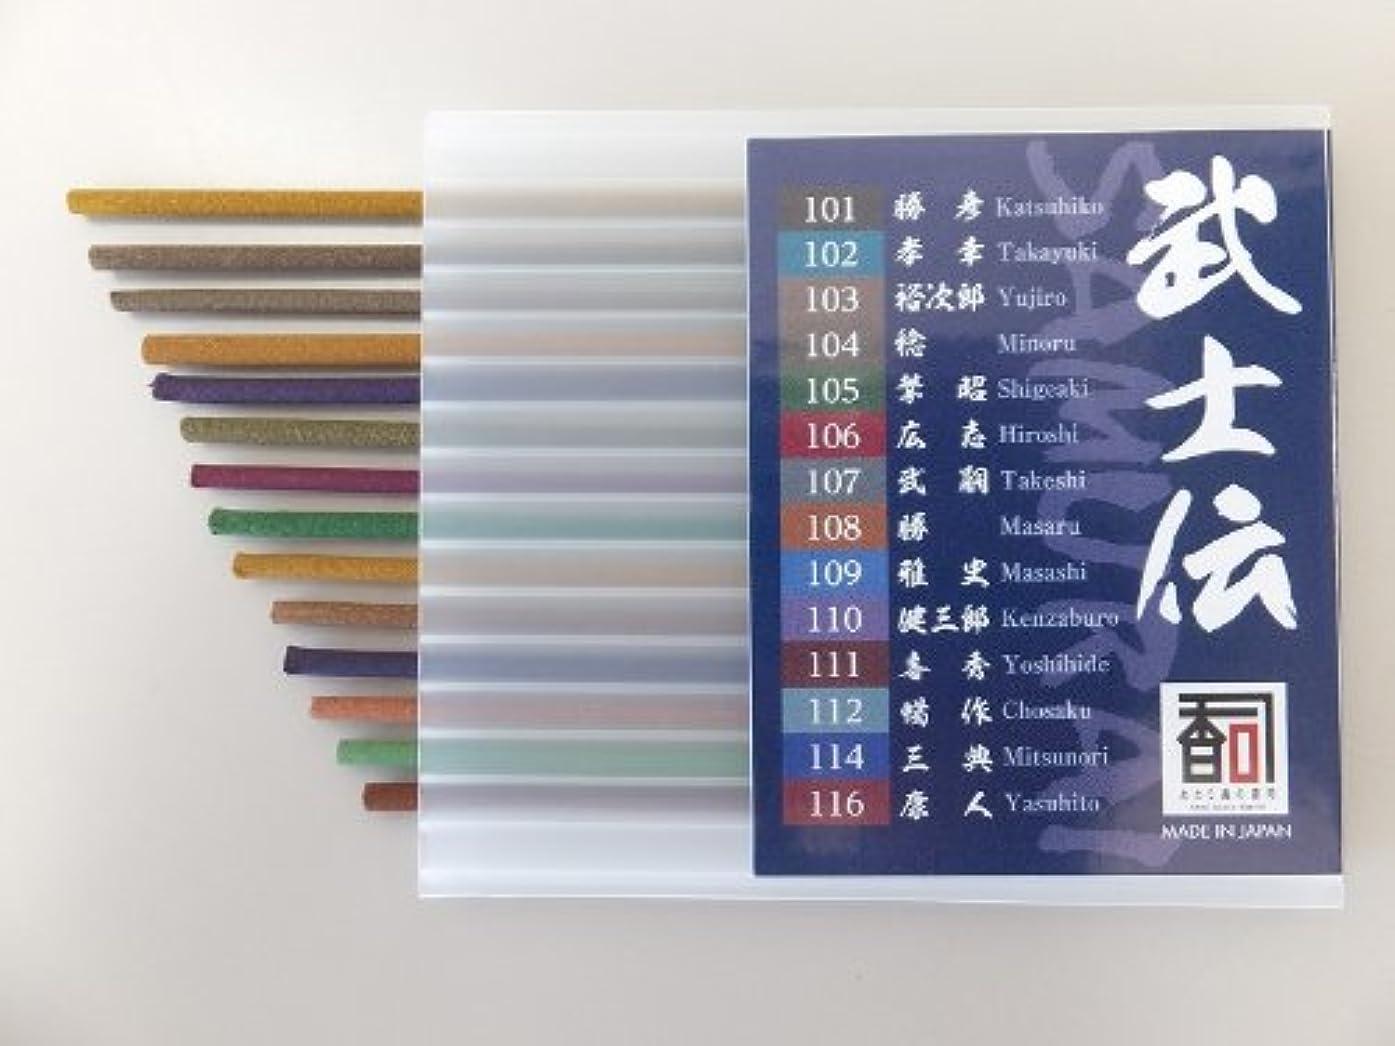 ラボシュガー解体する「あわじ島の香司」 日本の香りシリーズ 【武士伝】 14本セット ◆経済産業大臣賞◆